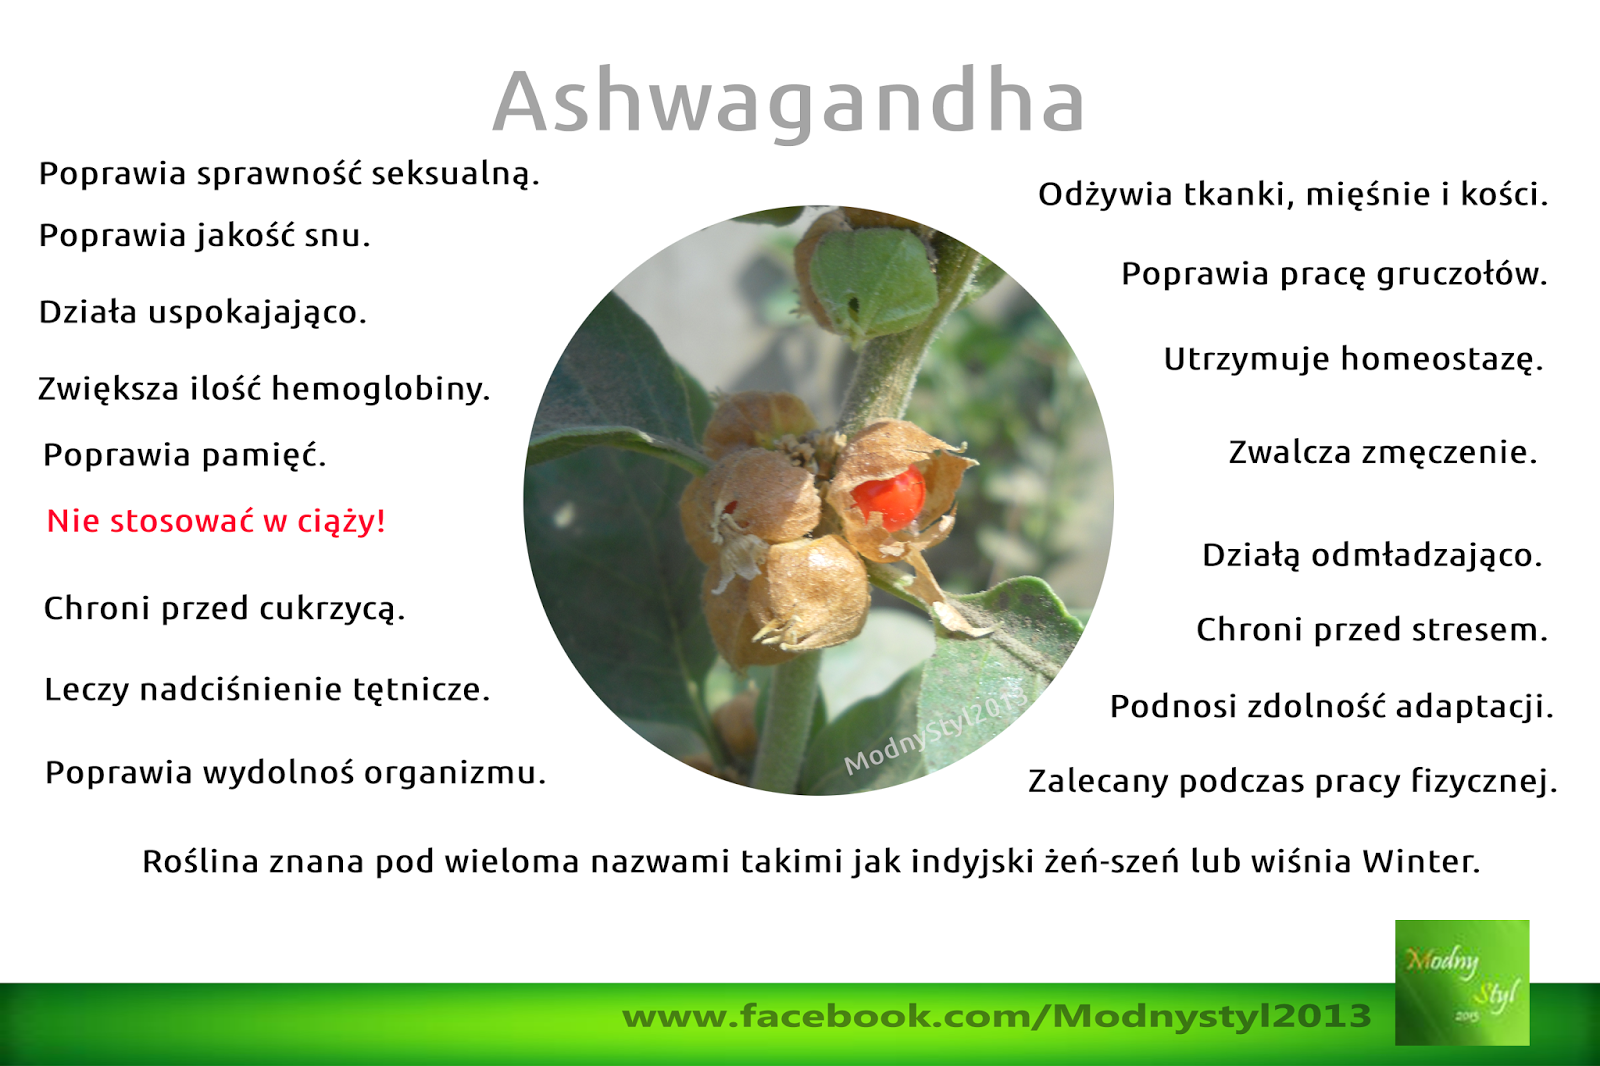 Ashwagandha czyli zimowa wiśnia